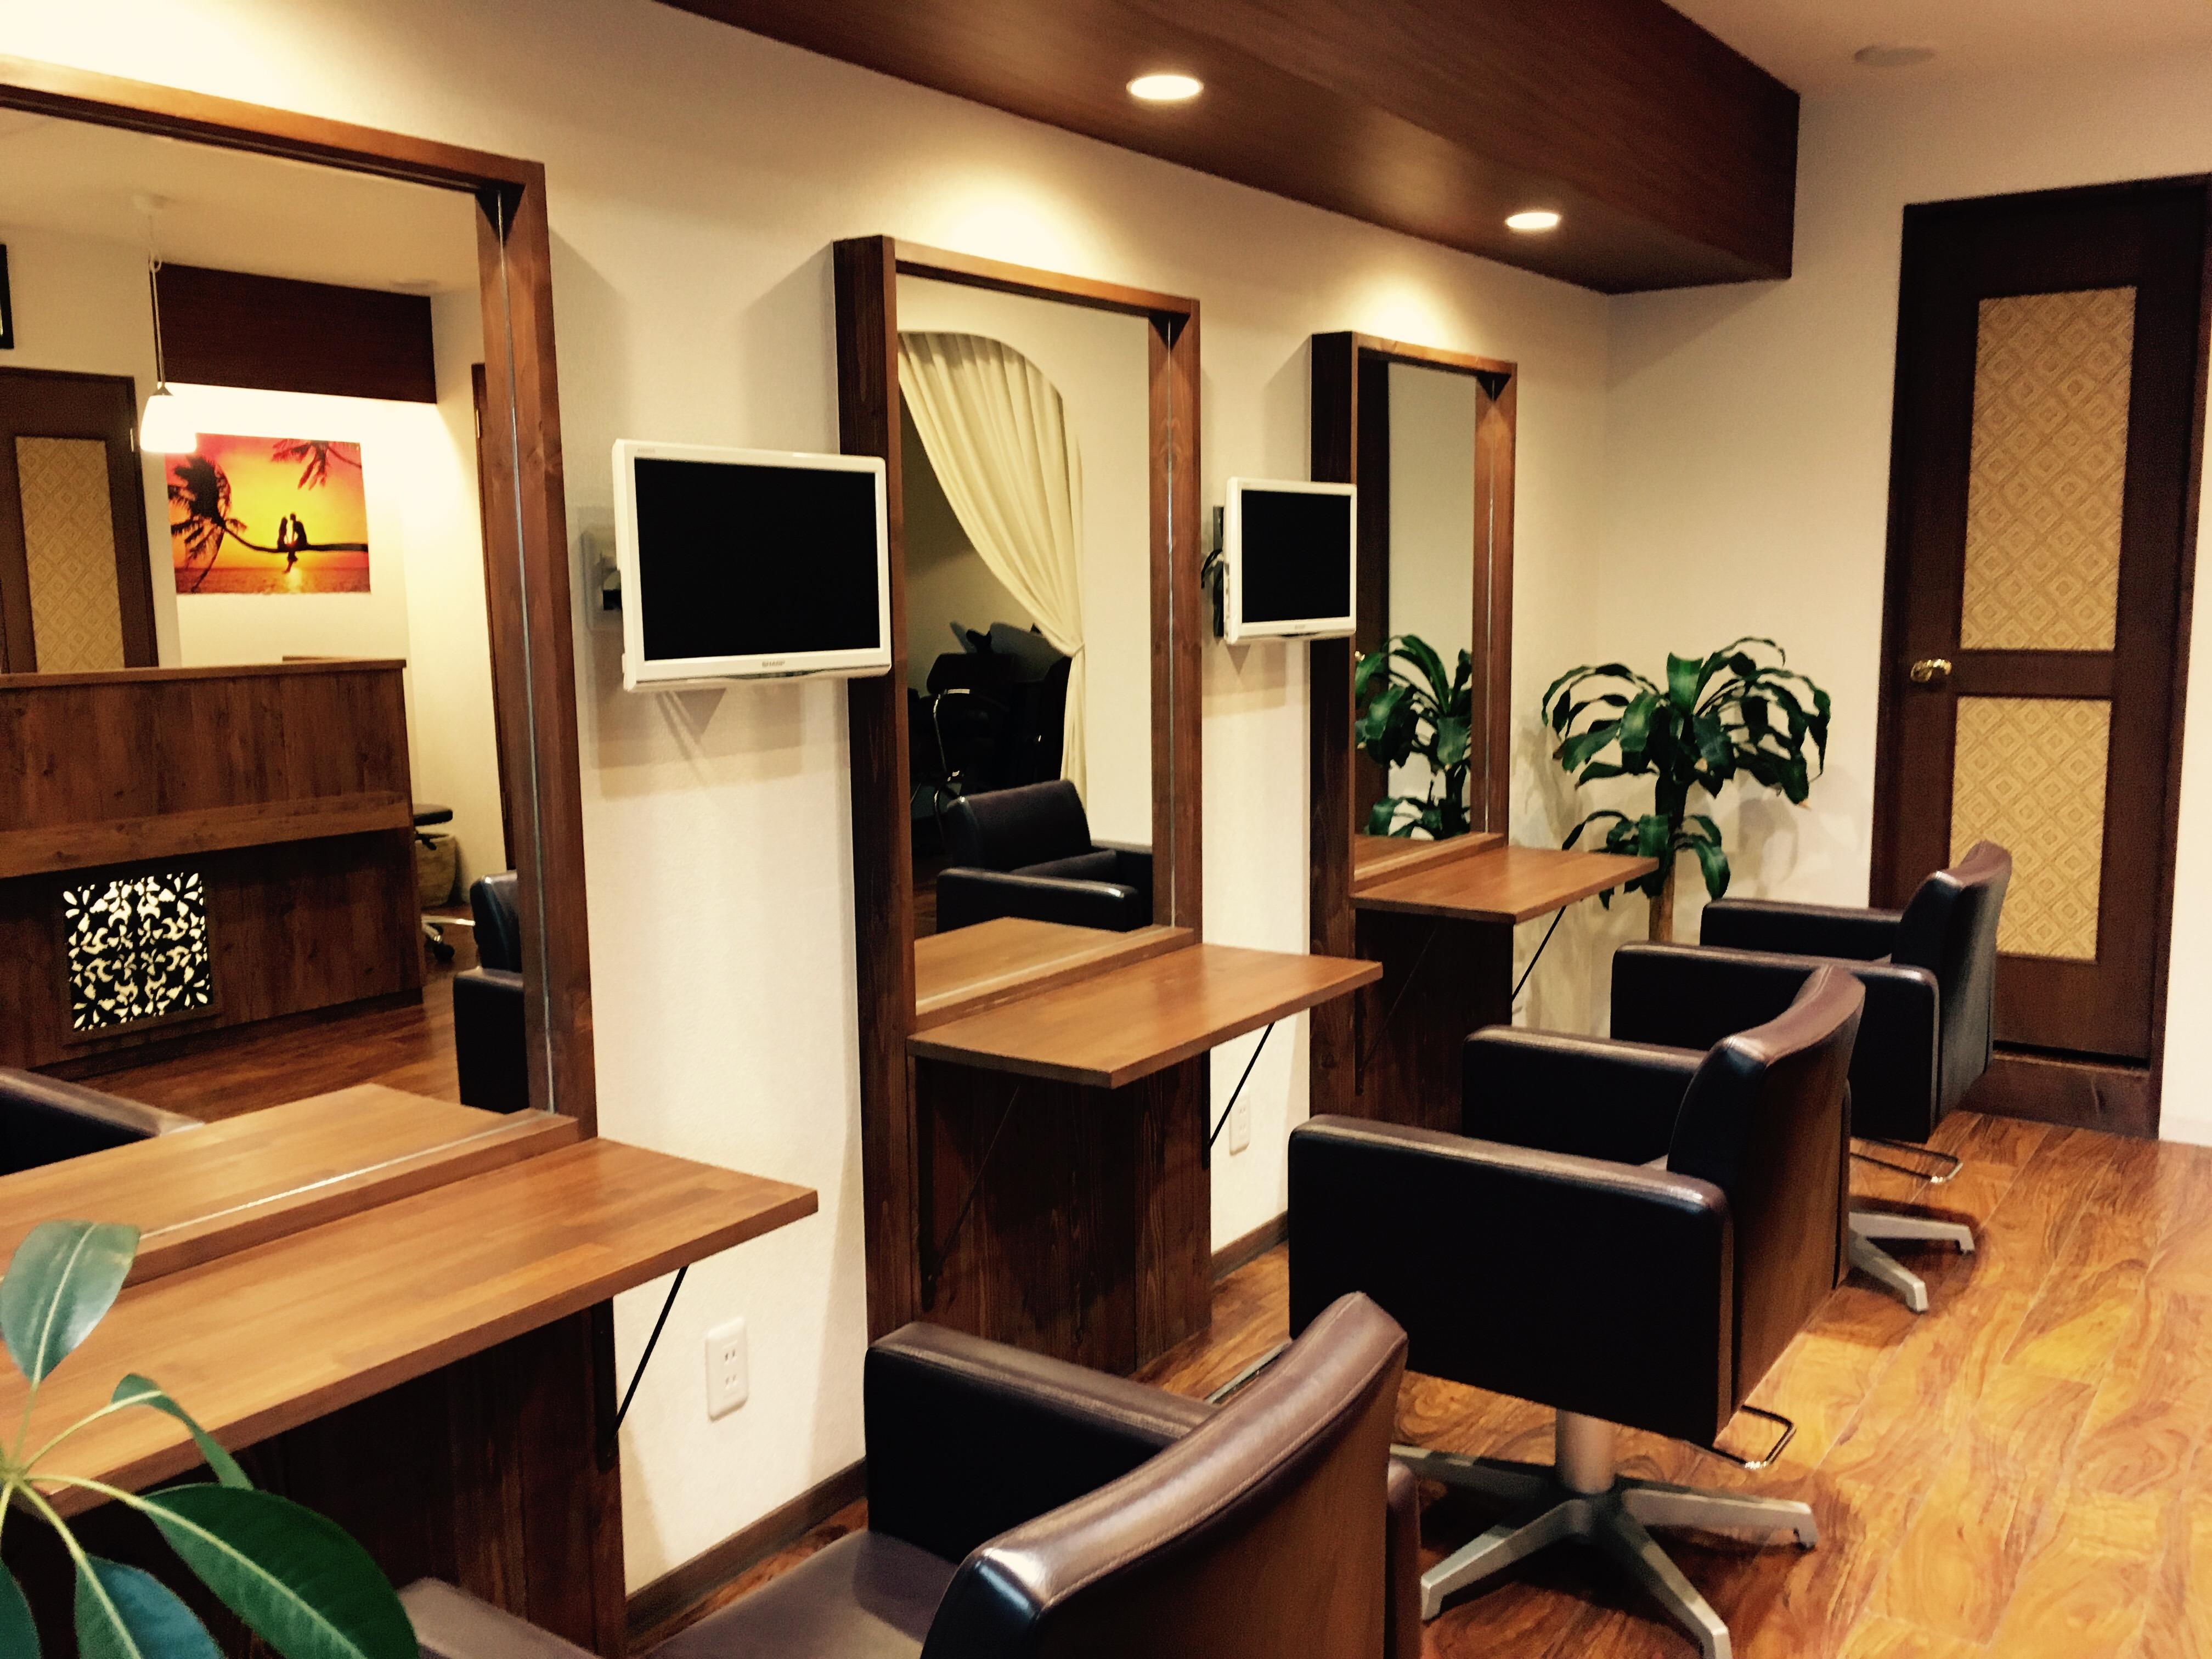 丁寧な施術と接客で安心してくつろげる落ち着いた雰囲気の大人の美容院。